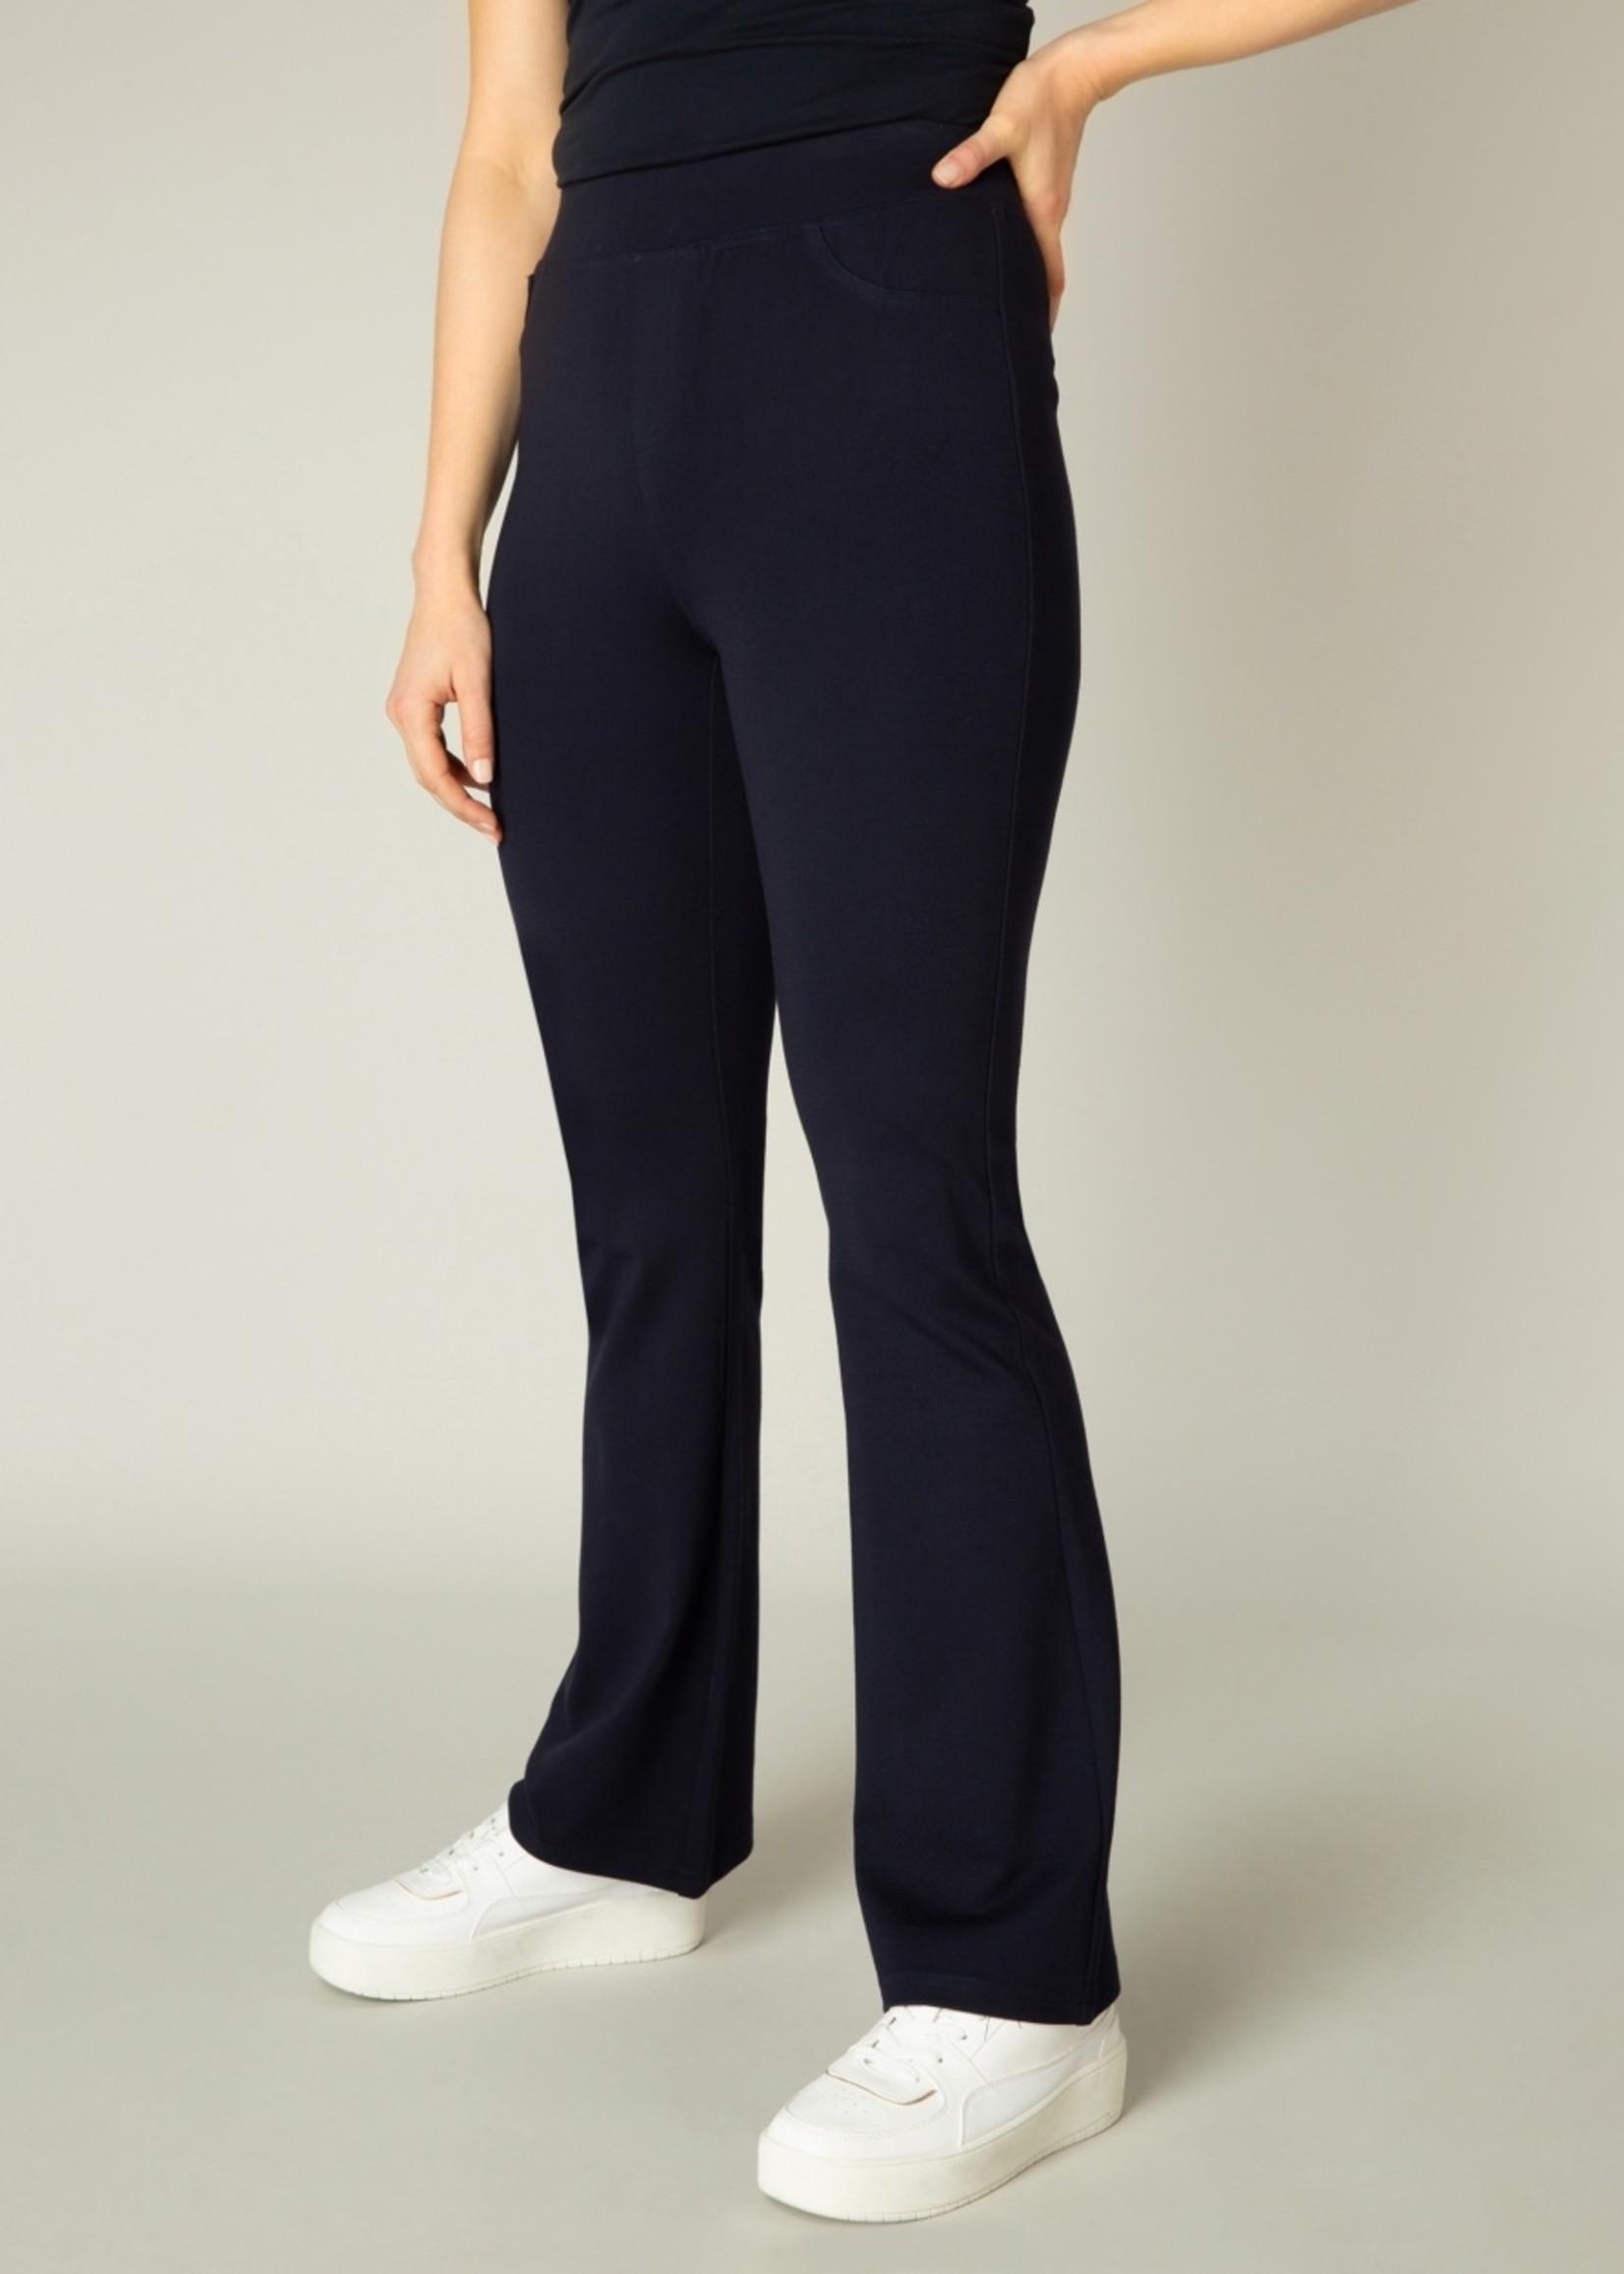 Base Level Base Level Yallie Pants